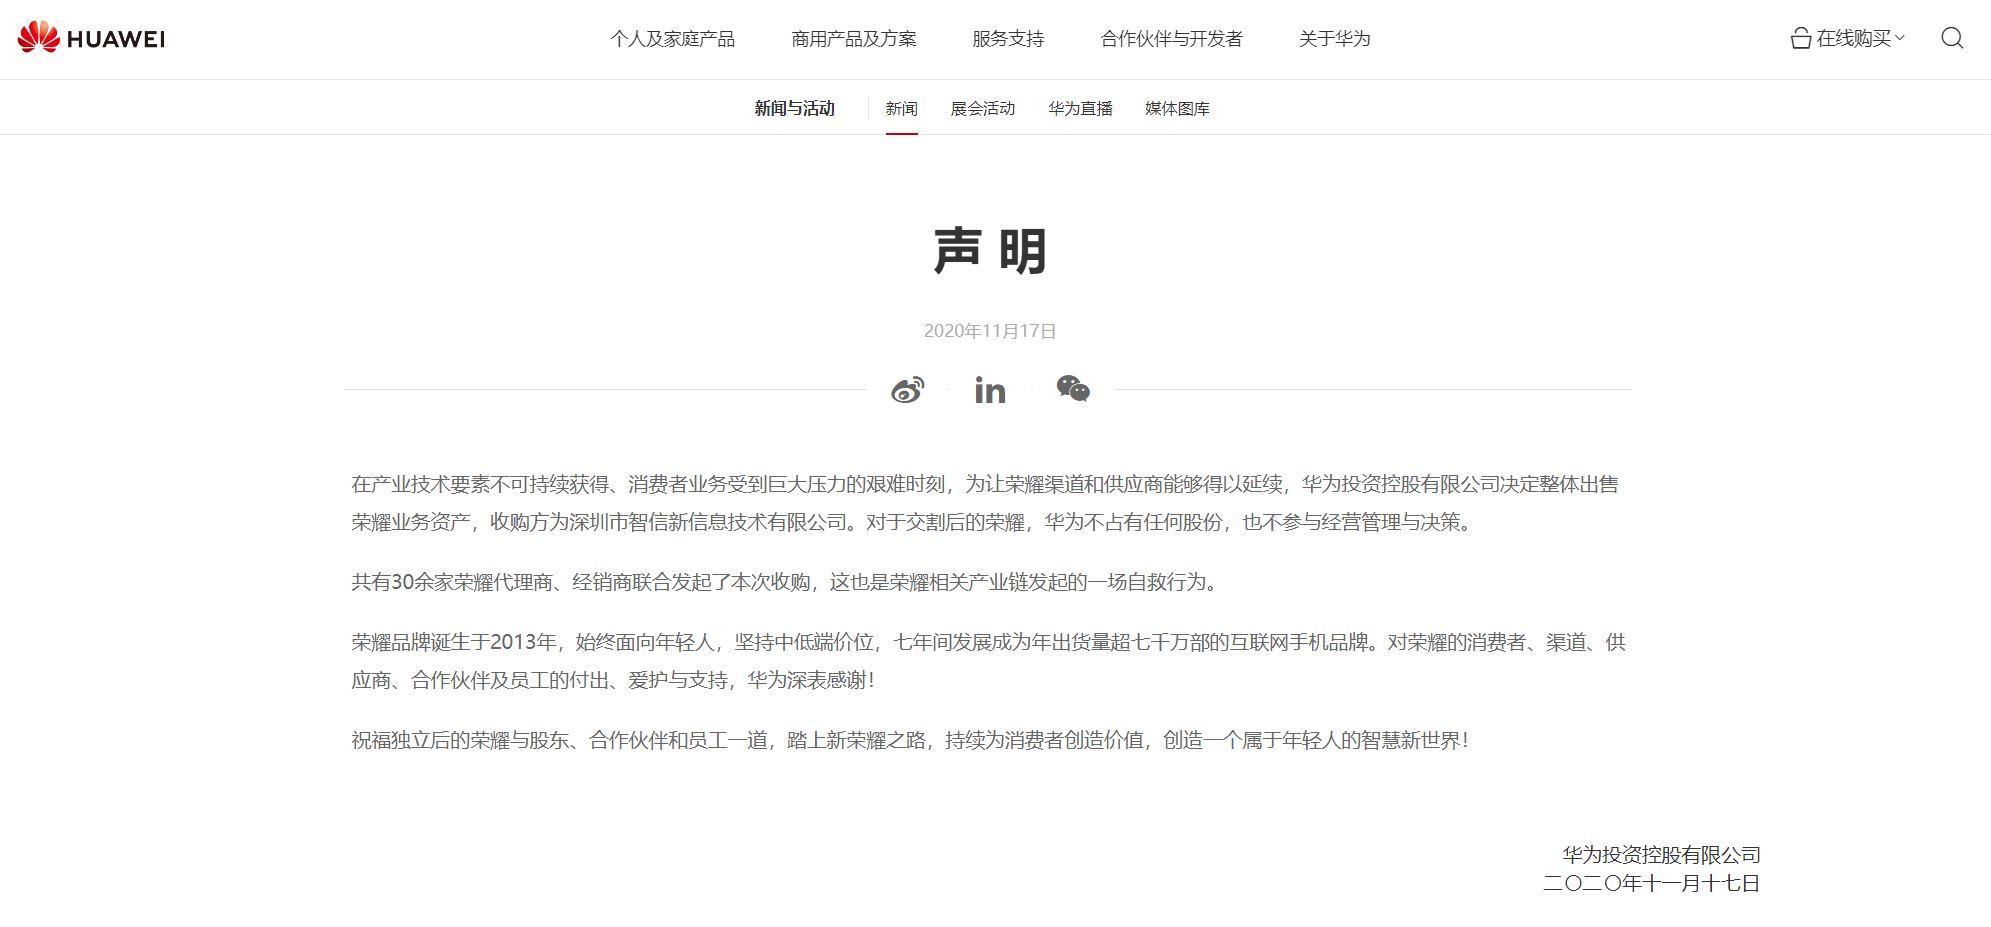 華為宣布出售「榮耀」品牌業務,未來不再參與品牌經營管理